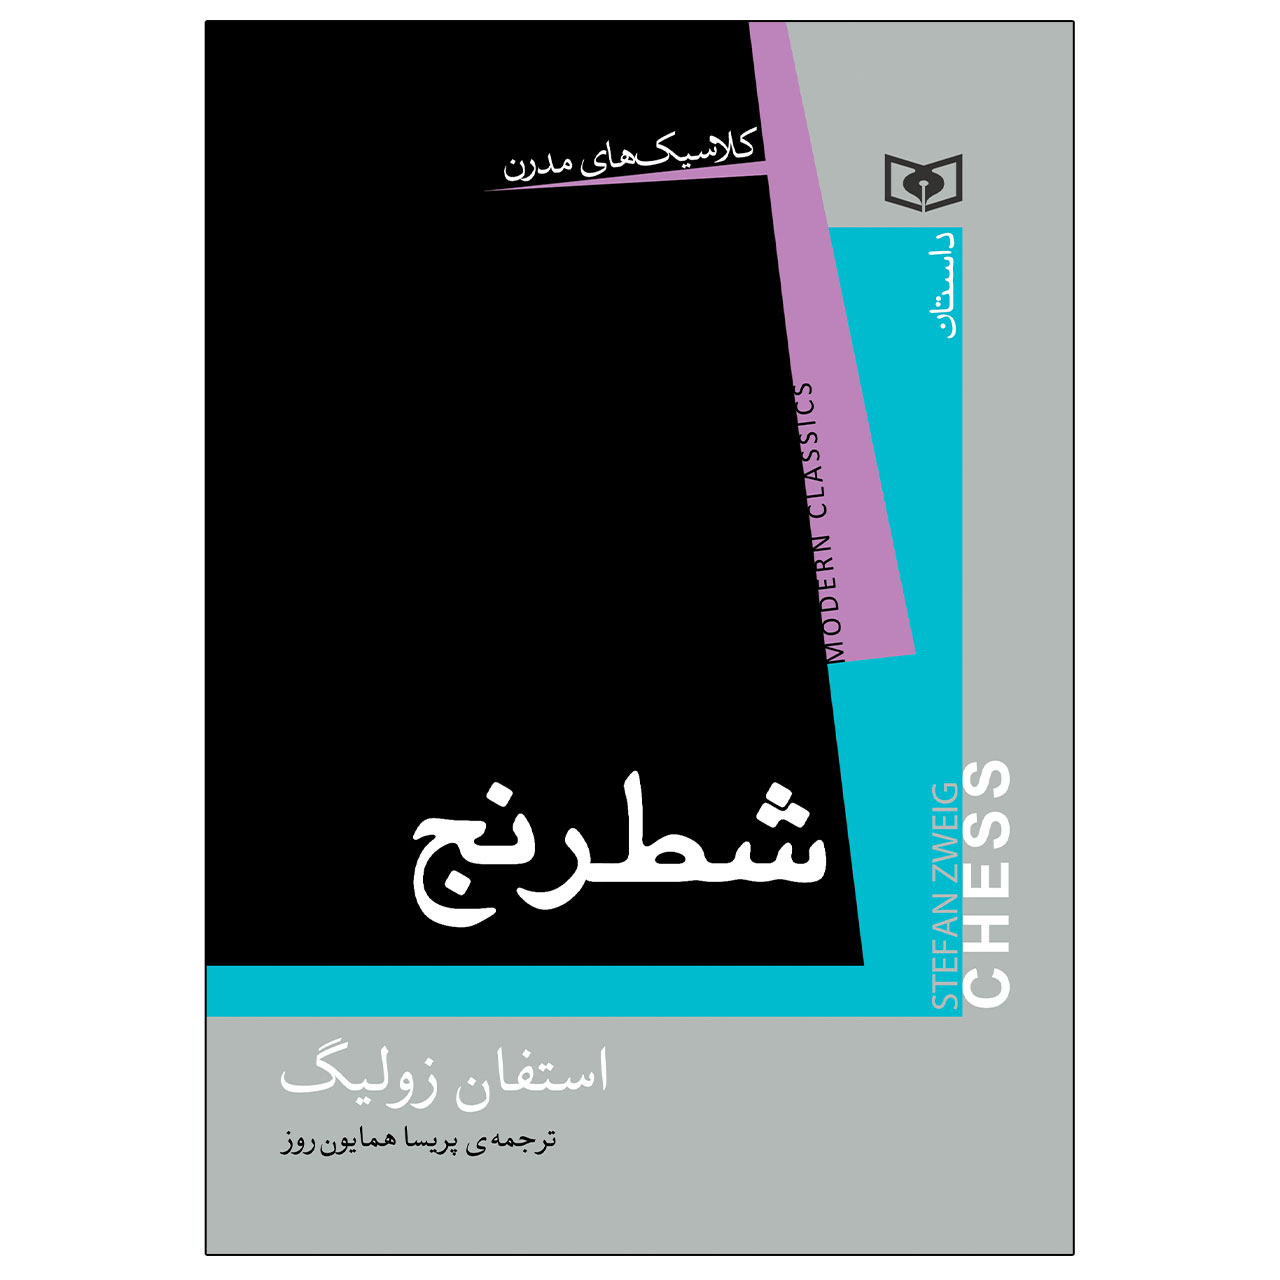 خرید                      کتاب شطرنج اثر استفان زوليگ انتشارات قدیانی